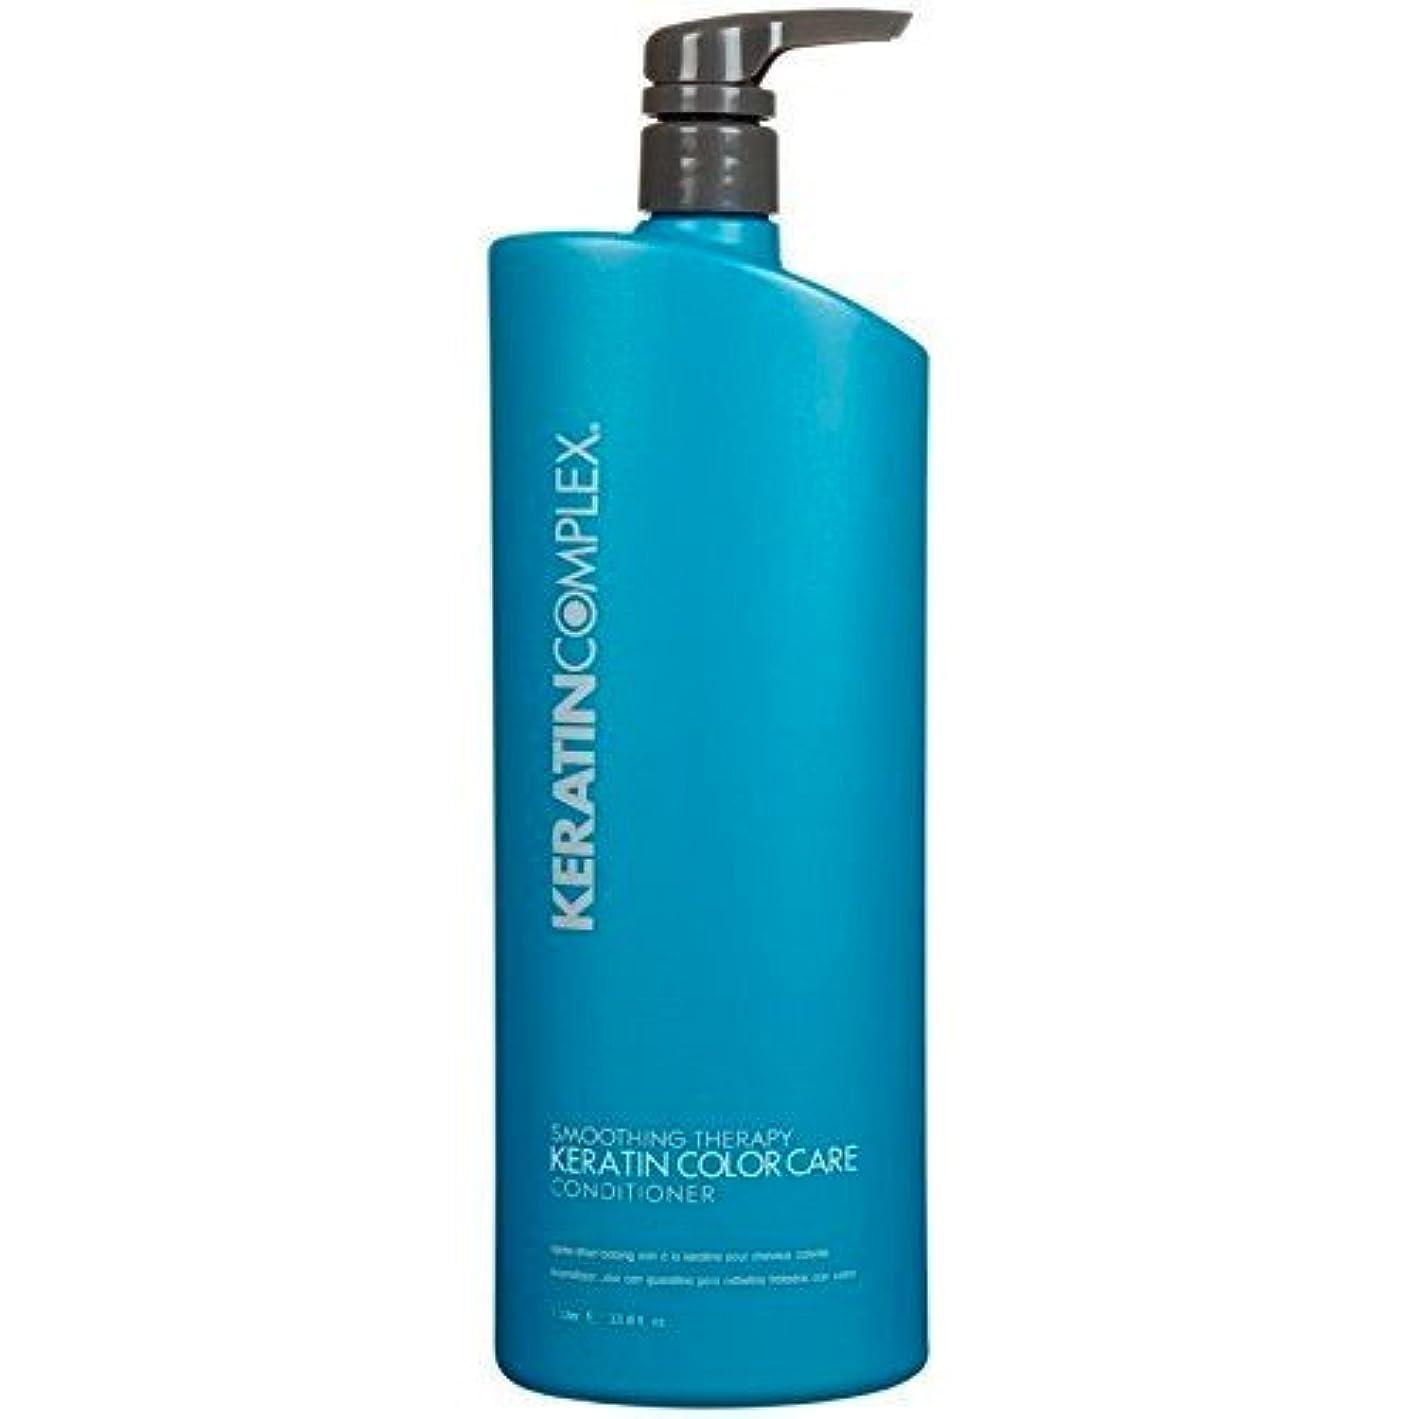 序文維持早くケラチンコンプレックス Smoothing Therapy Keratin Color Care Conditioner (For All Hair Types) 1000ml